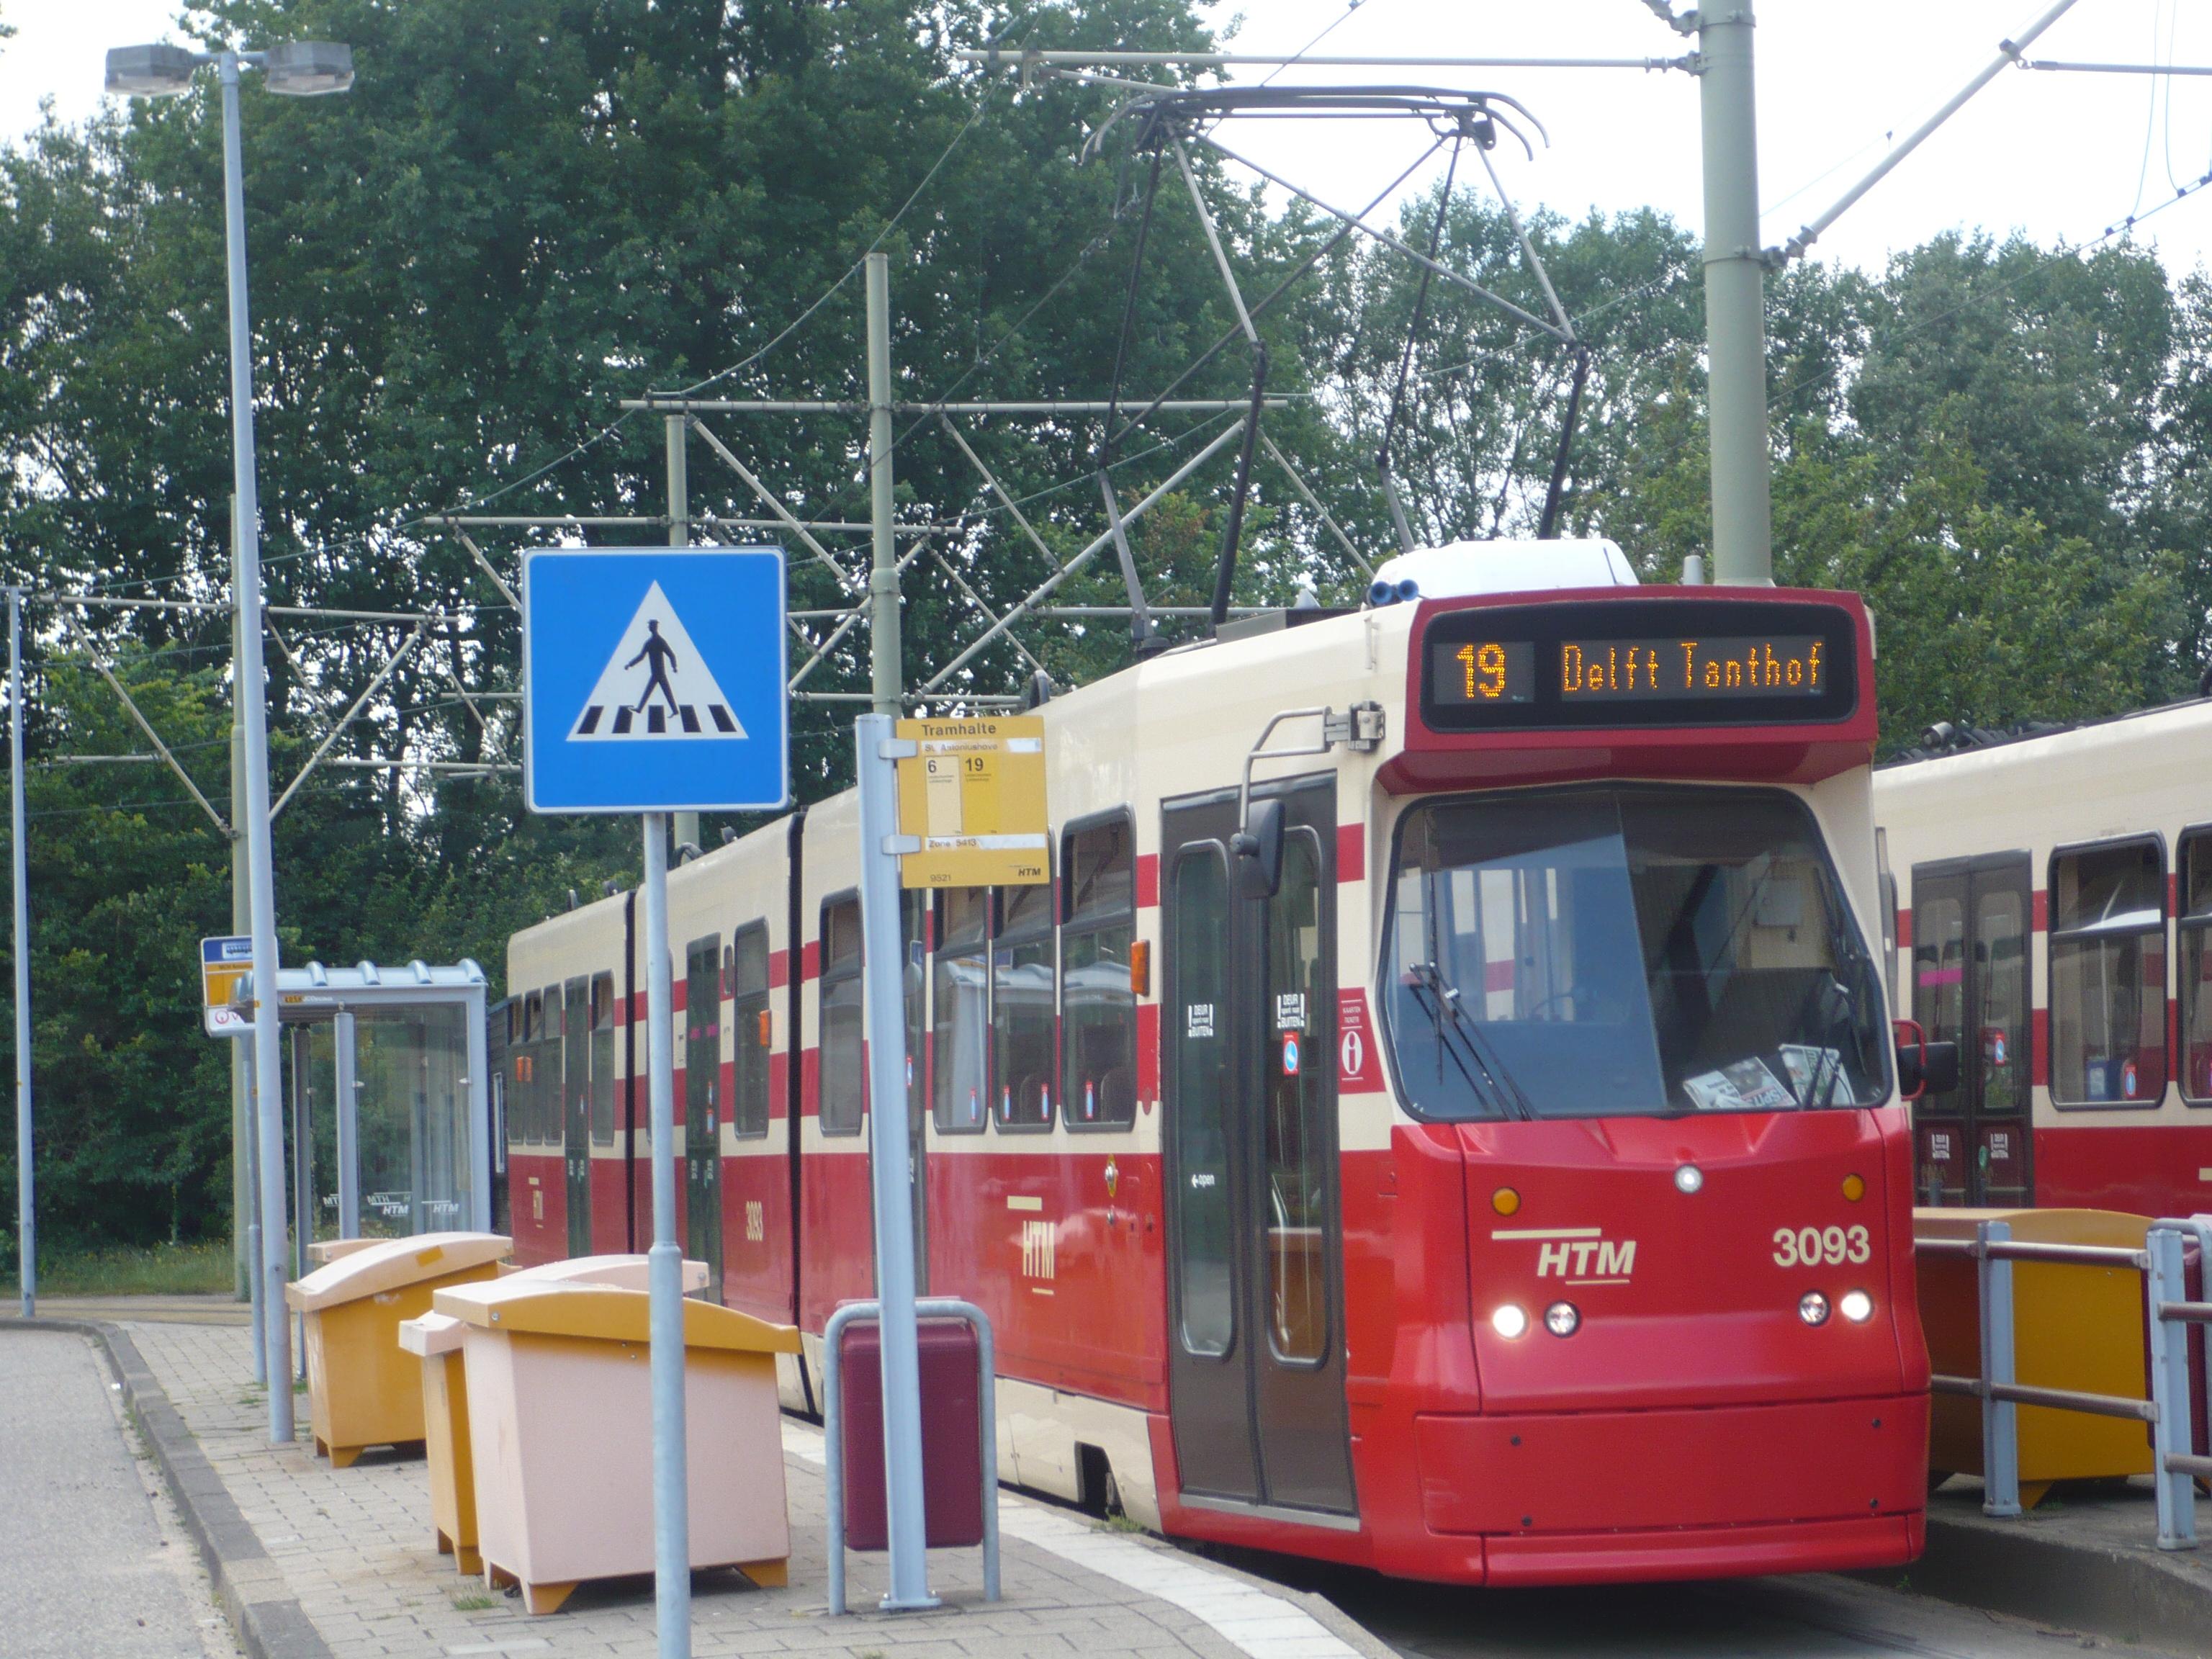 HTM_3093_Tram_19_Delft_Tanthof.JPG